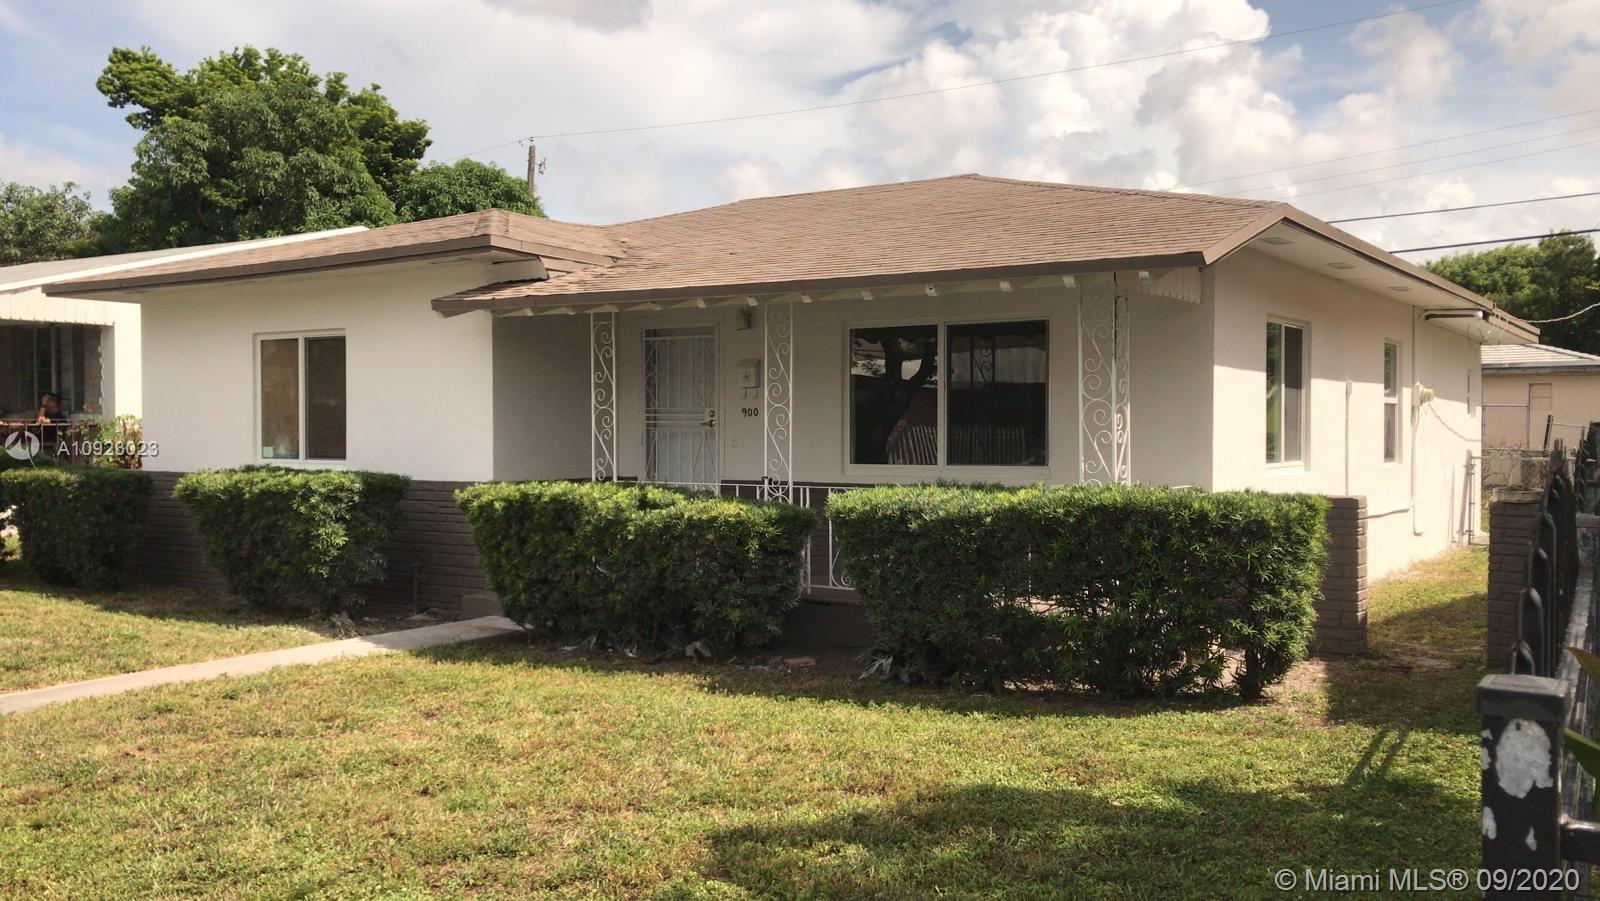 Bay Vista Park - 900 NW 47th Ter, Miami, FL 33127